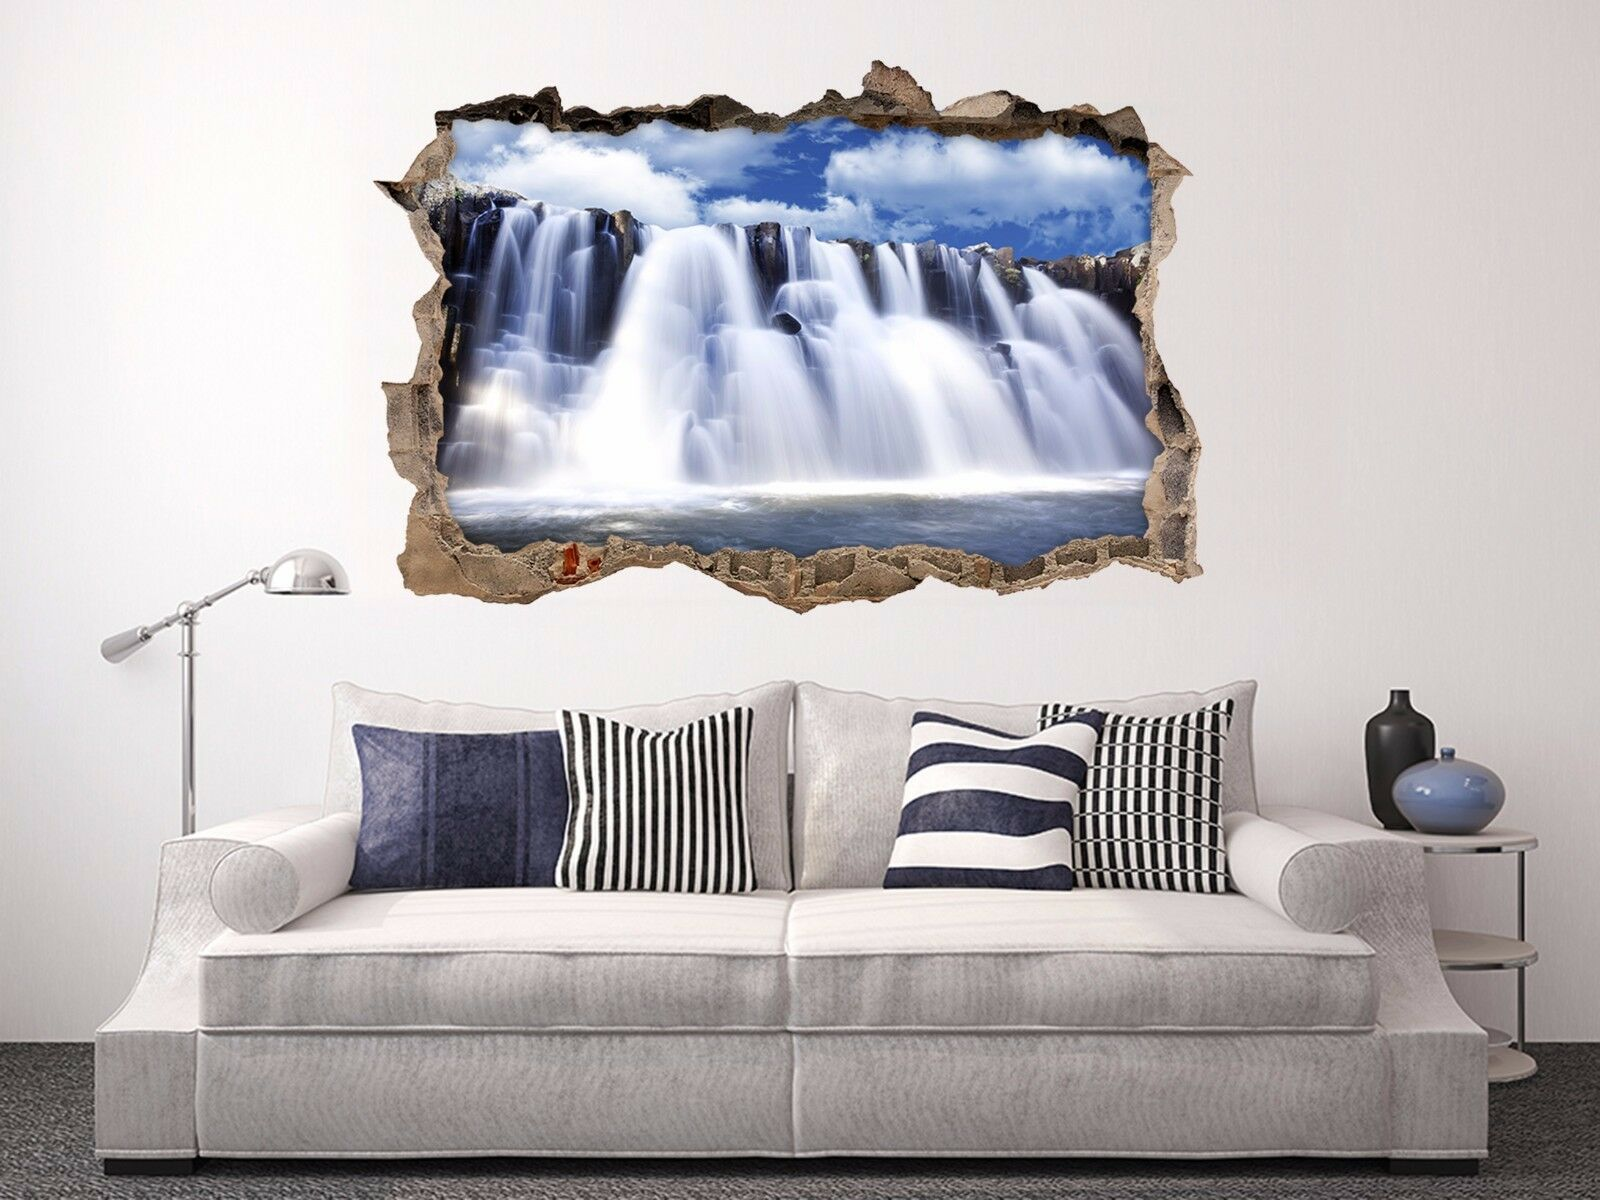 3D Grande Cascata 163 Parete Murales Adesivi Decal Sfondamento AJ WALLPAPER IT